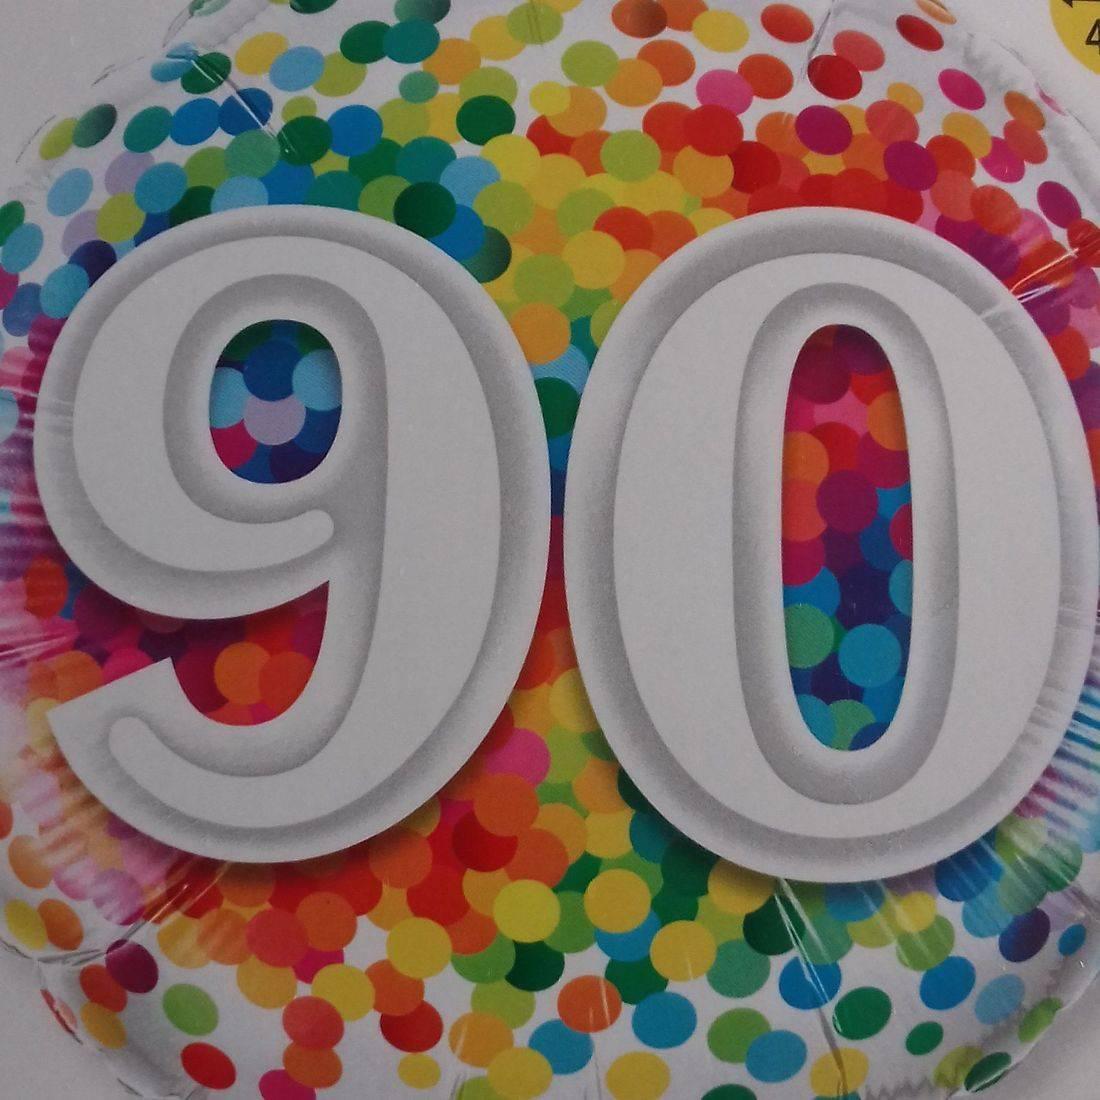 90th RAINBOW CONFETTI FOIL BALLOON